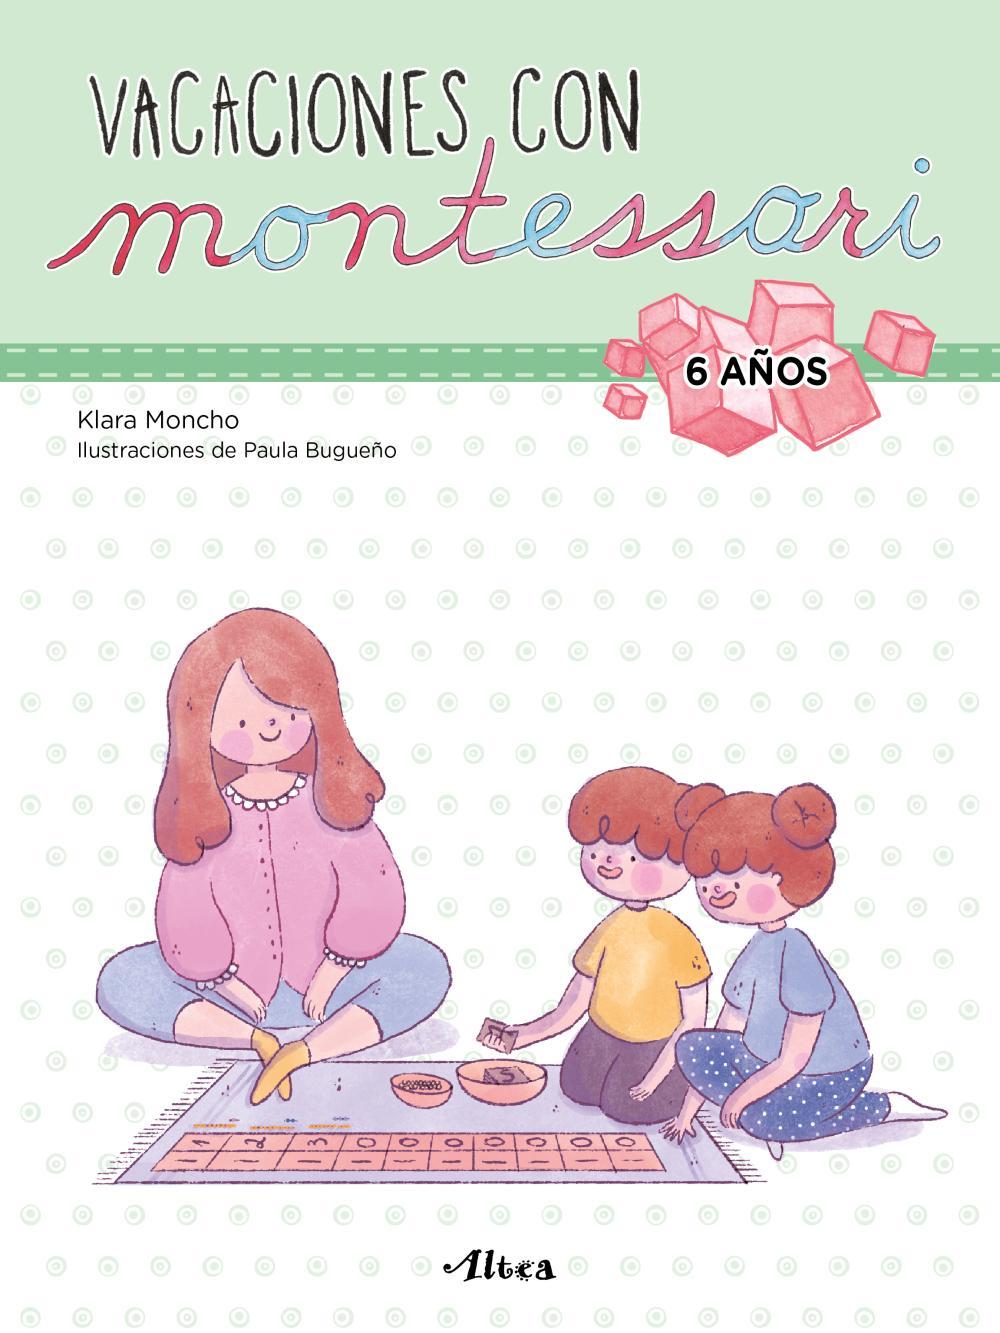 Vacaciones con Montessori - 6 años